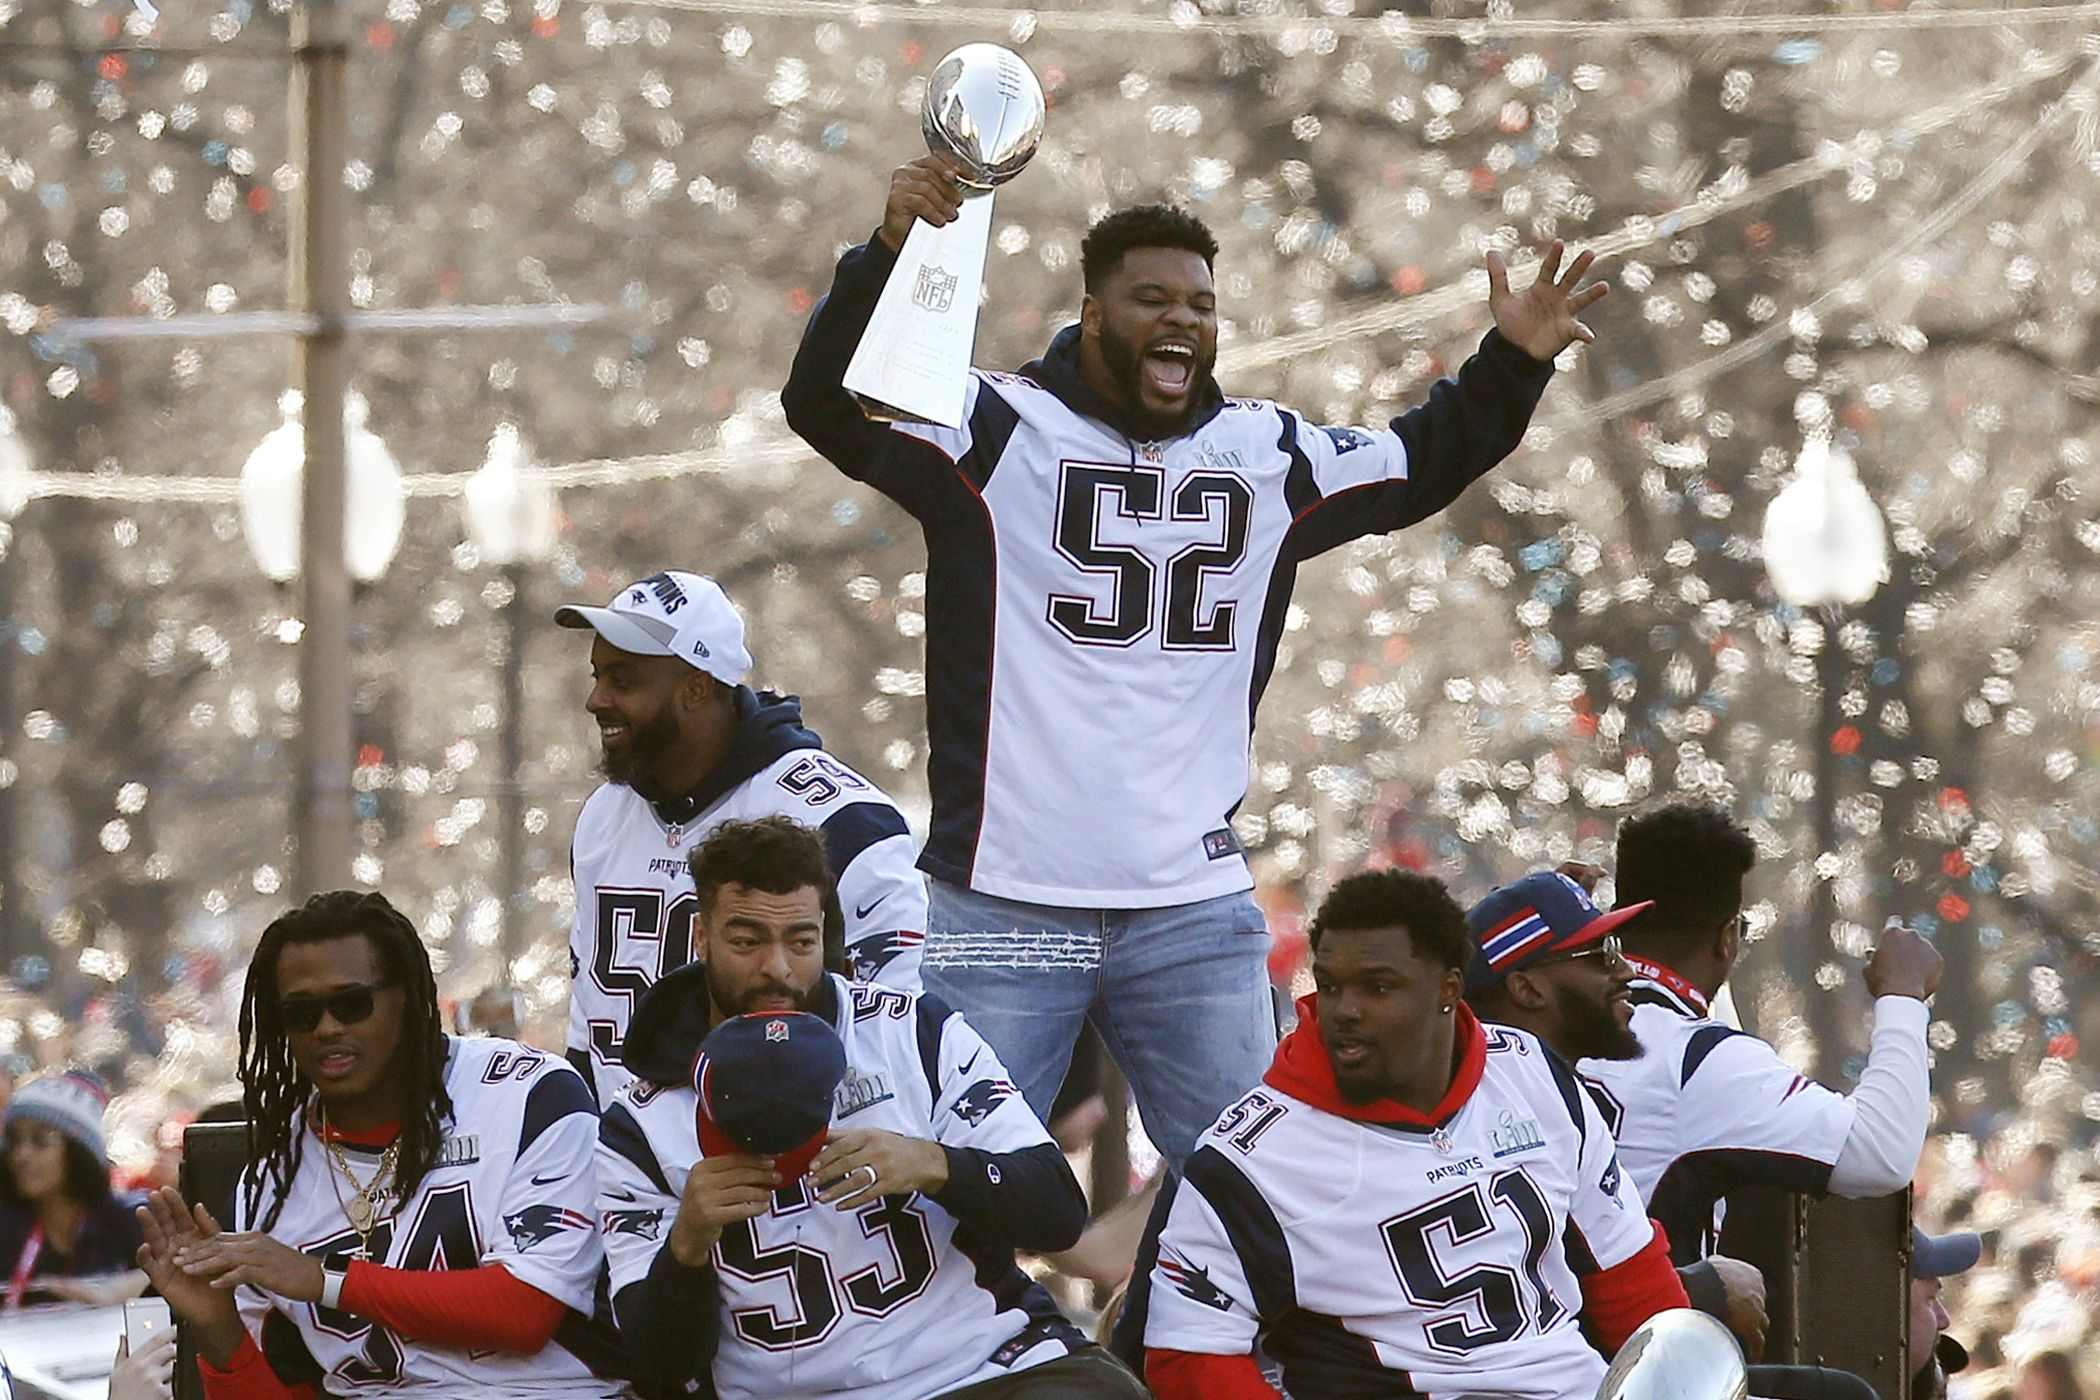 Policía de Texas ofrece disculpas a jugador de Patriots